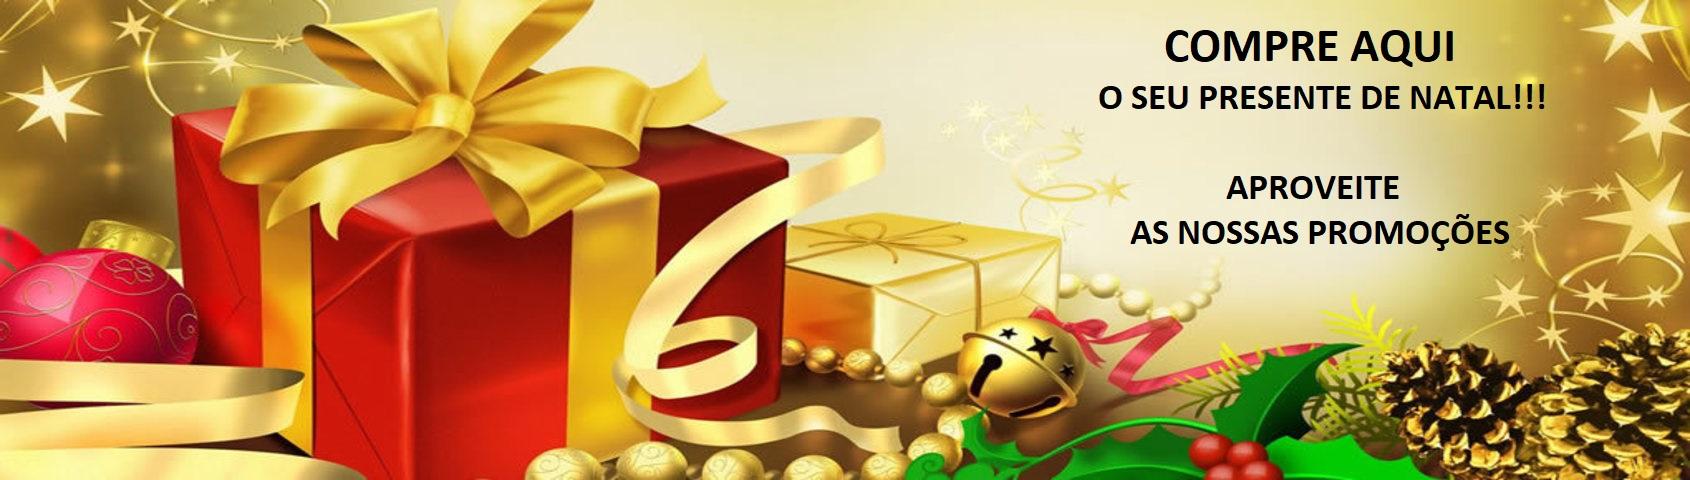 Promoçoes Natal